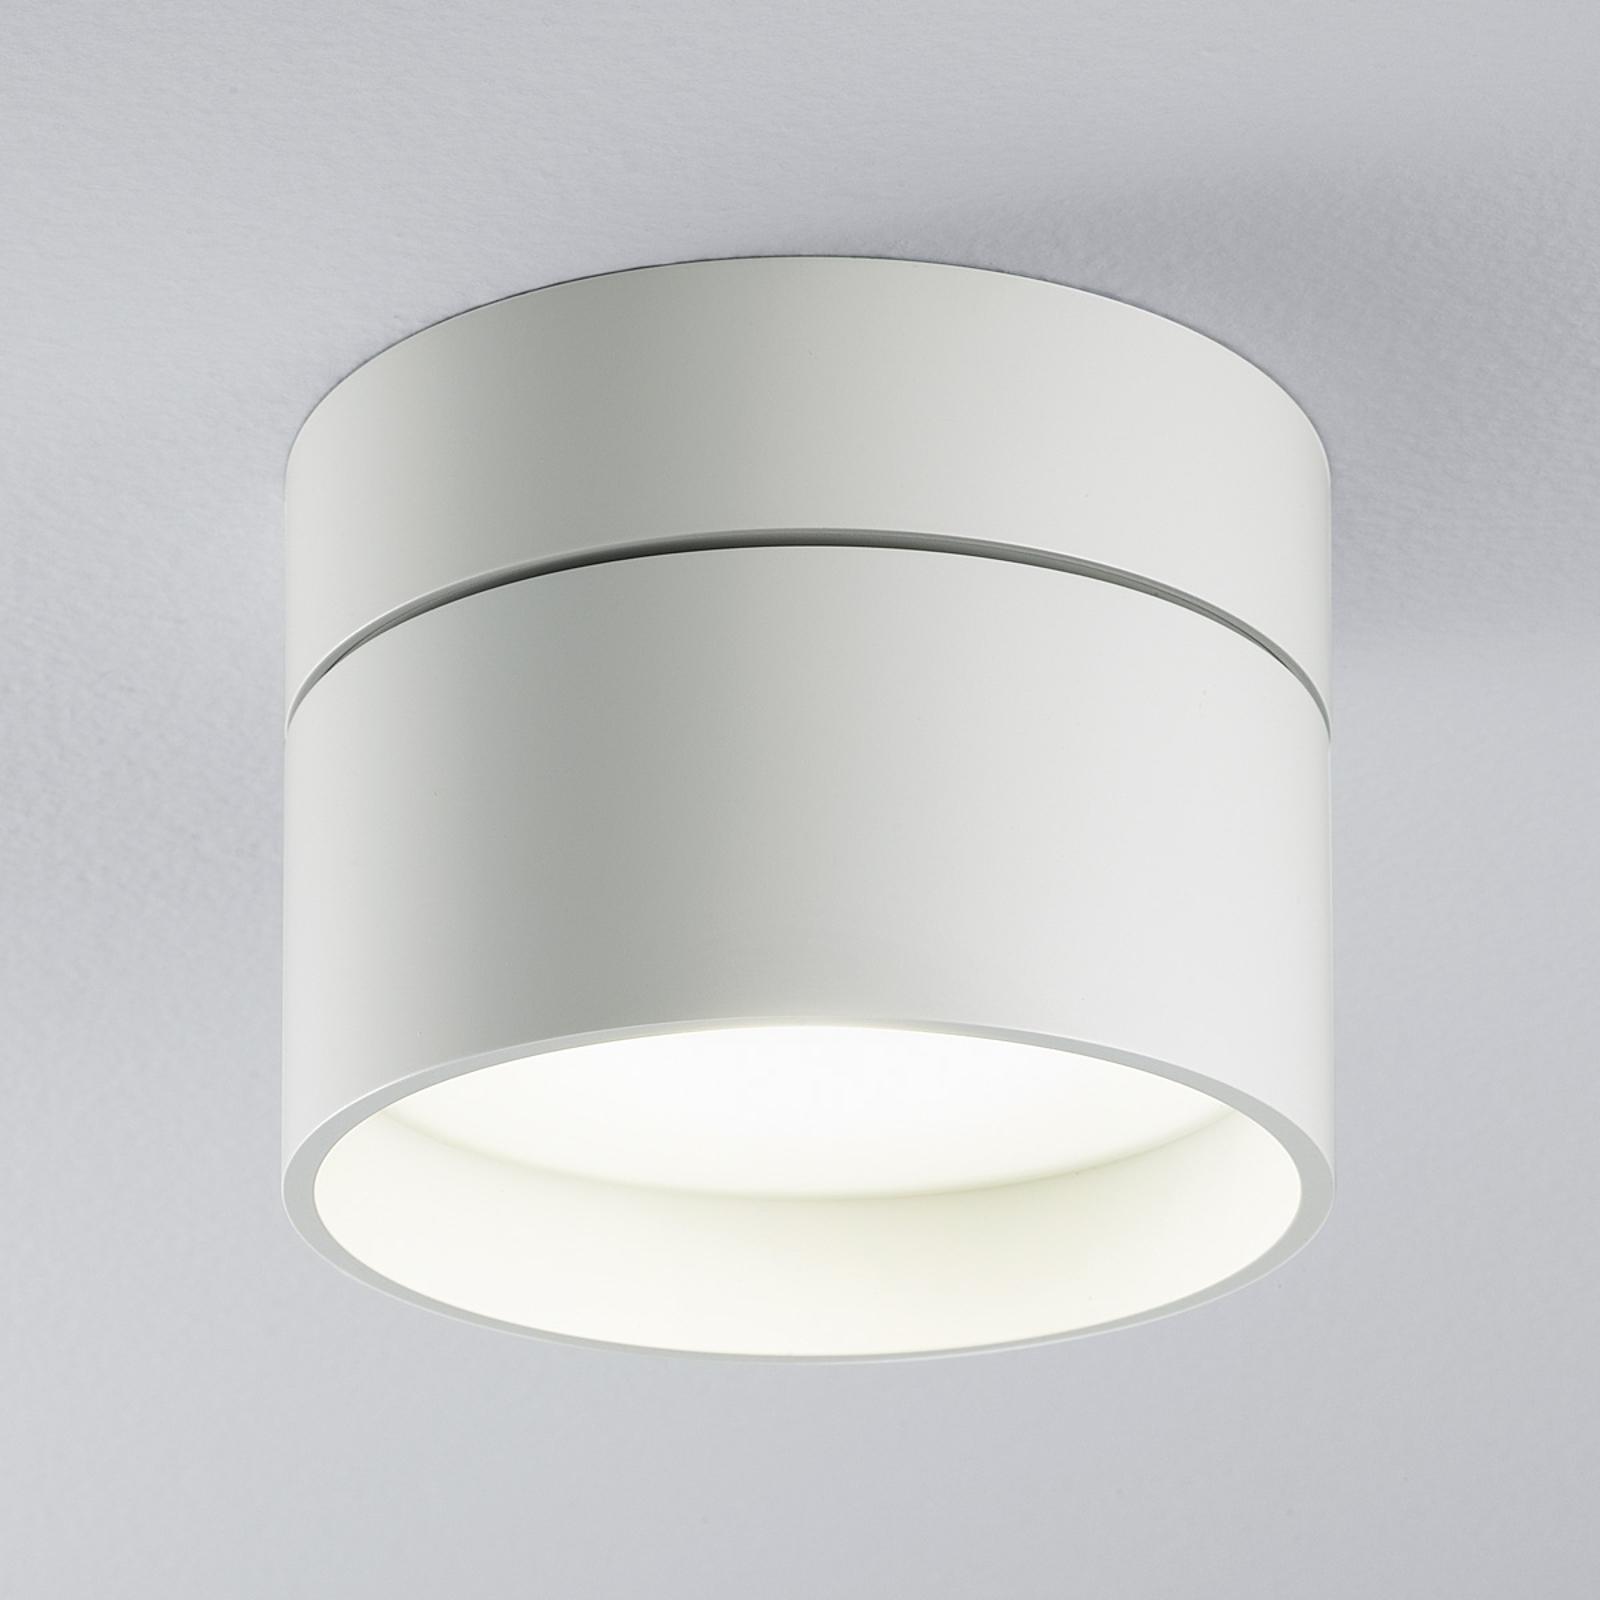 Piper LED ceiling light_3023055_1